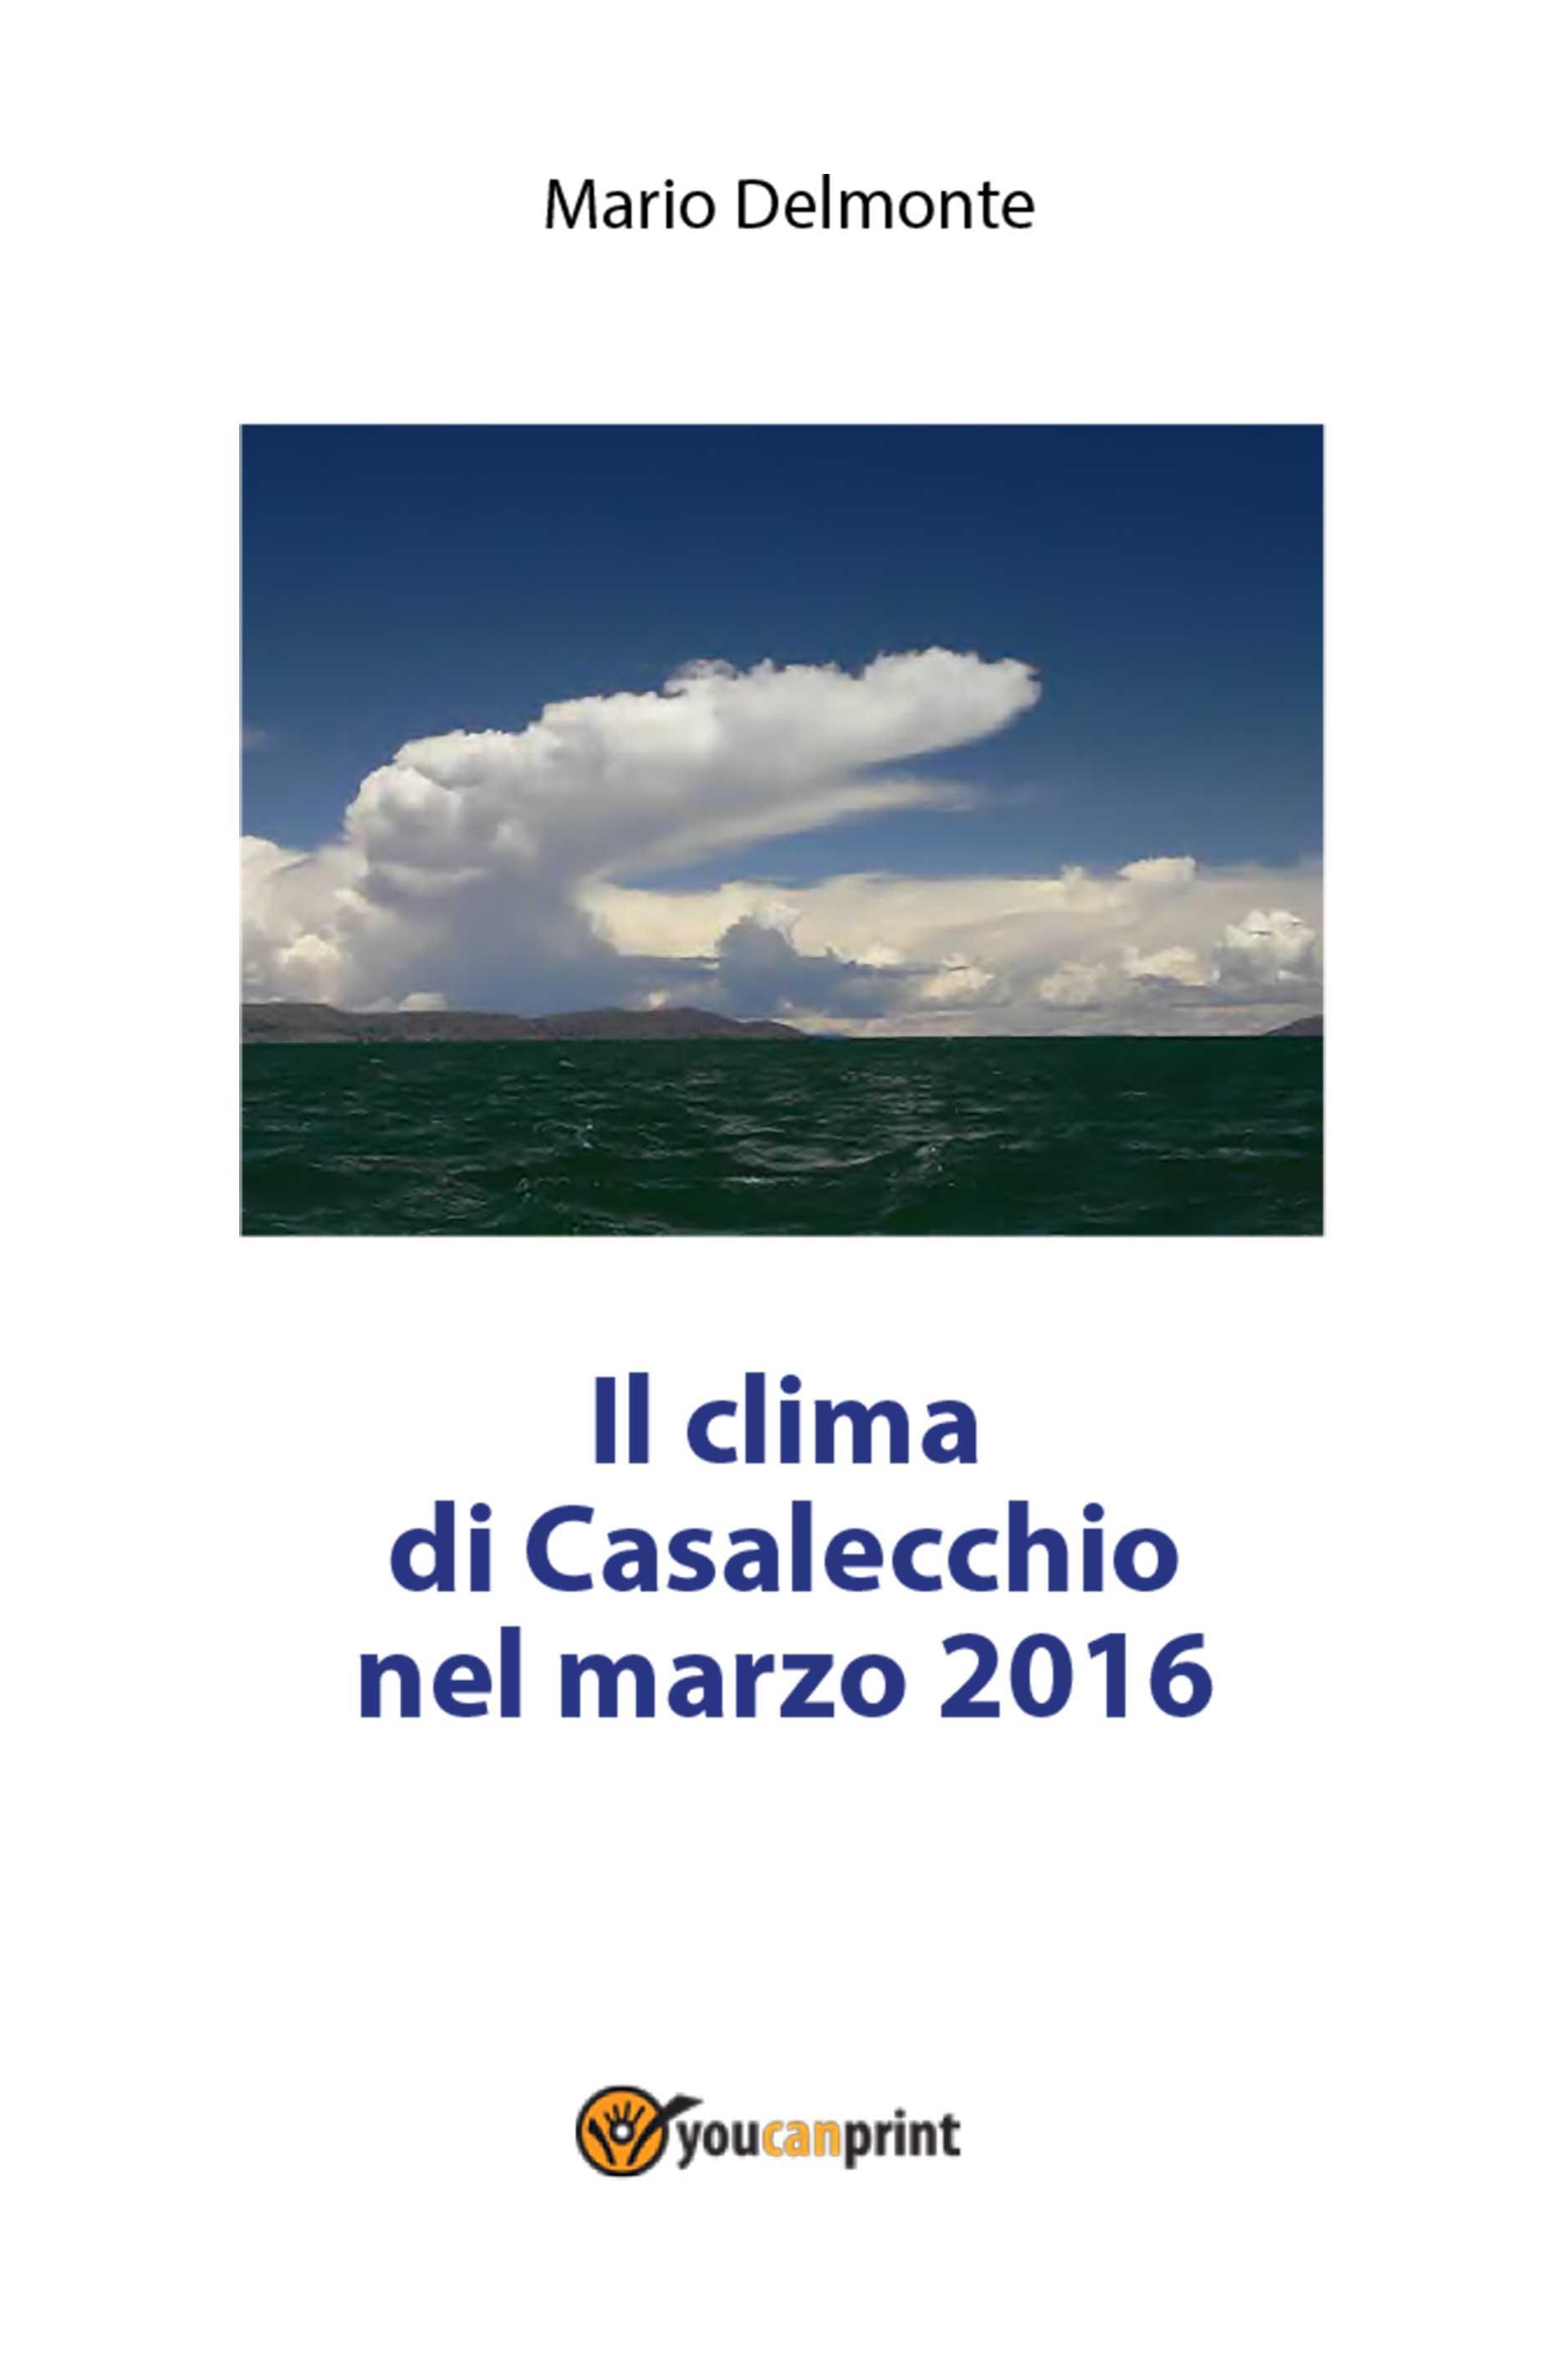 Il clima di Casalecchio nel marzo 2016